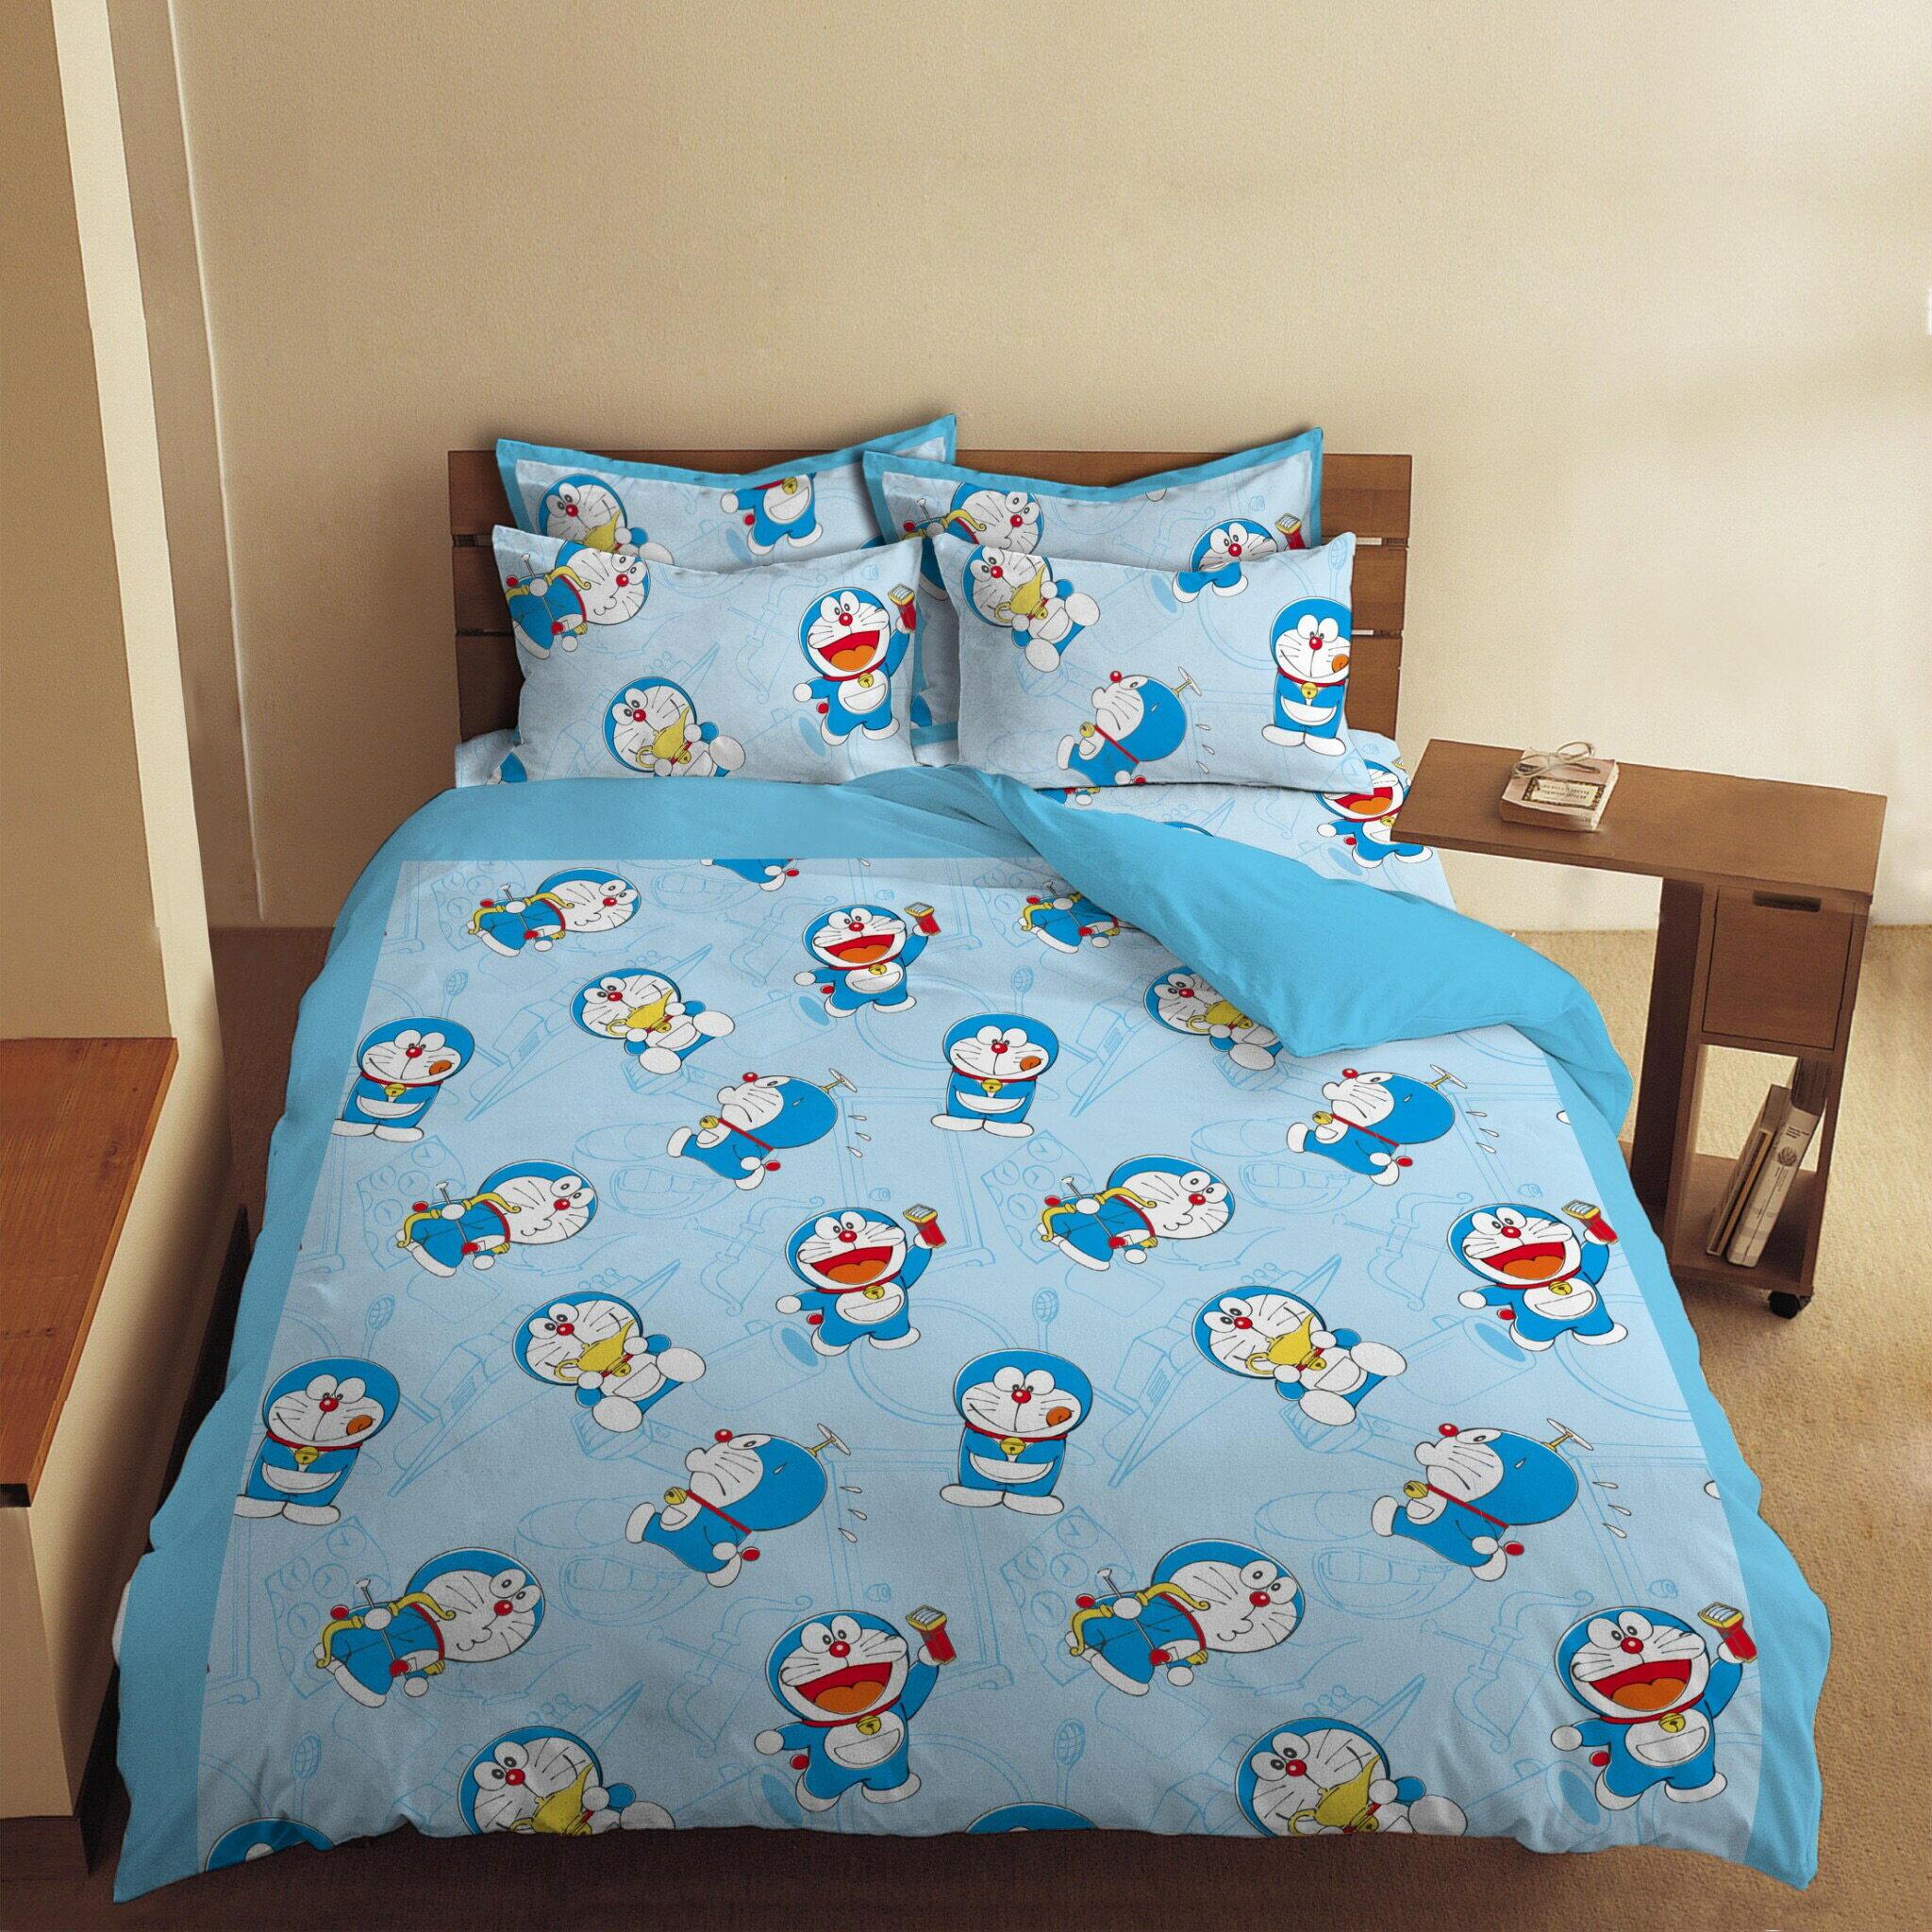 【嫁妝寢具】哆啦A夢.雙人床包組【床包+枕套*2】台灣製造 .3件組